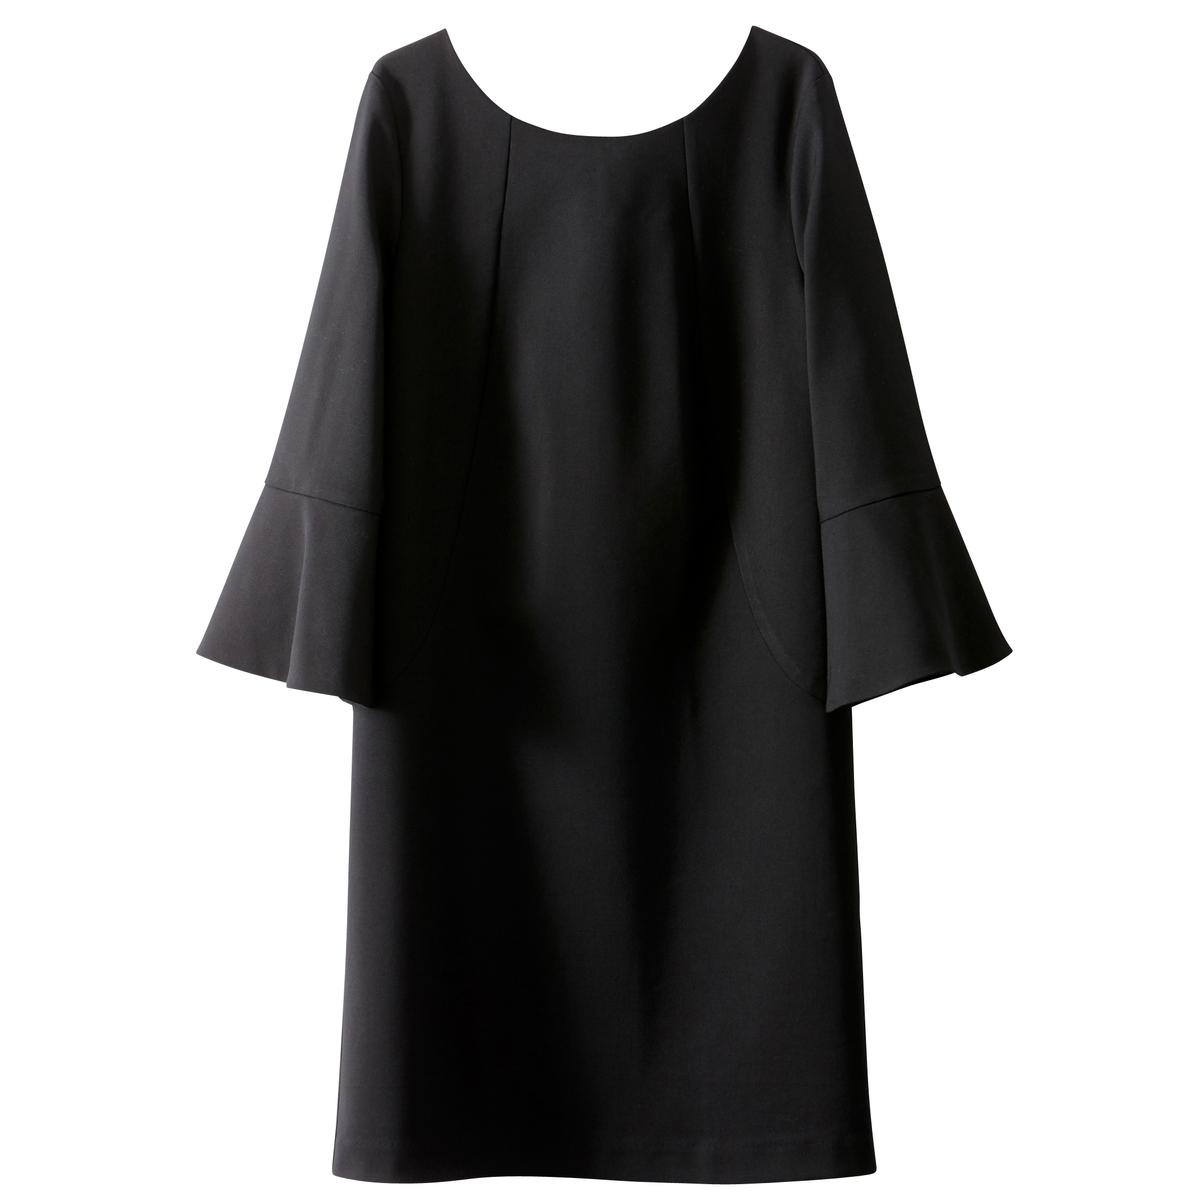 Платье прямое с оригинальной спинкой и воланамиДетали •  Форма : прямая •  Укороченная модель •  Длинные рукава    •  Круглый вырезСостав и уход •  51% хлопка, 4% эластана, 45% полиэстера •  Подкладка : 100% хлопок •  Температура стирки при 30° на деликатном режиме   •  Сухая чистка и отбеливание запрещены • Барабанная сушка на деликатном режиме   •  Низкая температура глажки •  Длина  : 88 см<br><br>Цвет: красный карминный,черный<br>Размер: 34 (FR) - 40 (RUS).40 (FR) - 46 (RUS).38 (FR) - 44 (RUS).36 (FR) - 42 (RUS).34 (FR) - 40 (RUS).46 (FR) - 52 (RUS).44 (FR) - 50 (RUS).40 (FR) - 46 (RUS).38 (FR) - 44 (RUS).36 (FR) - 42 (RUS)